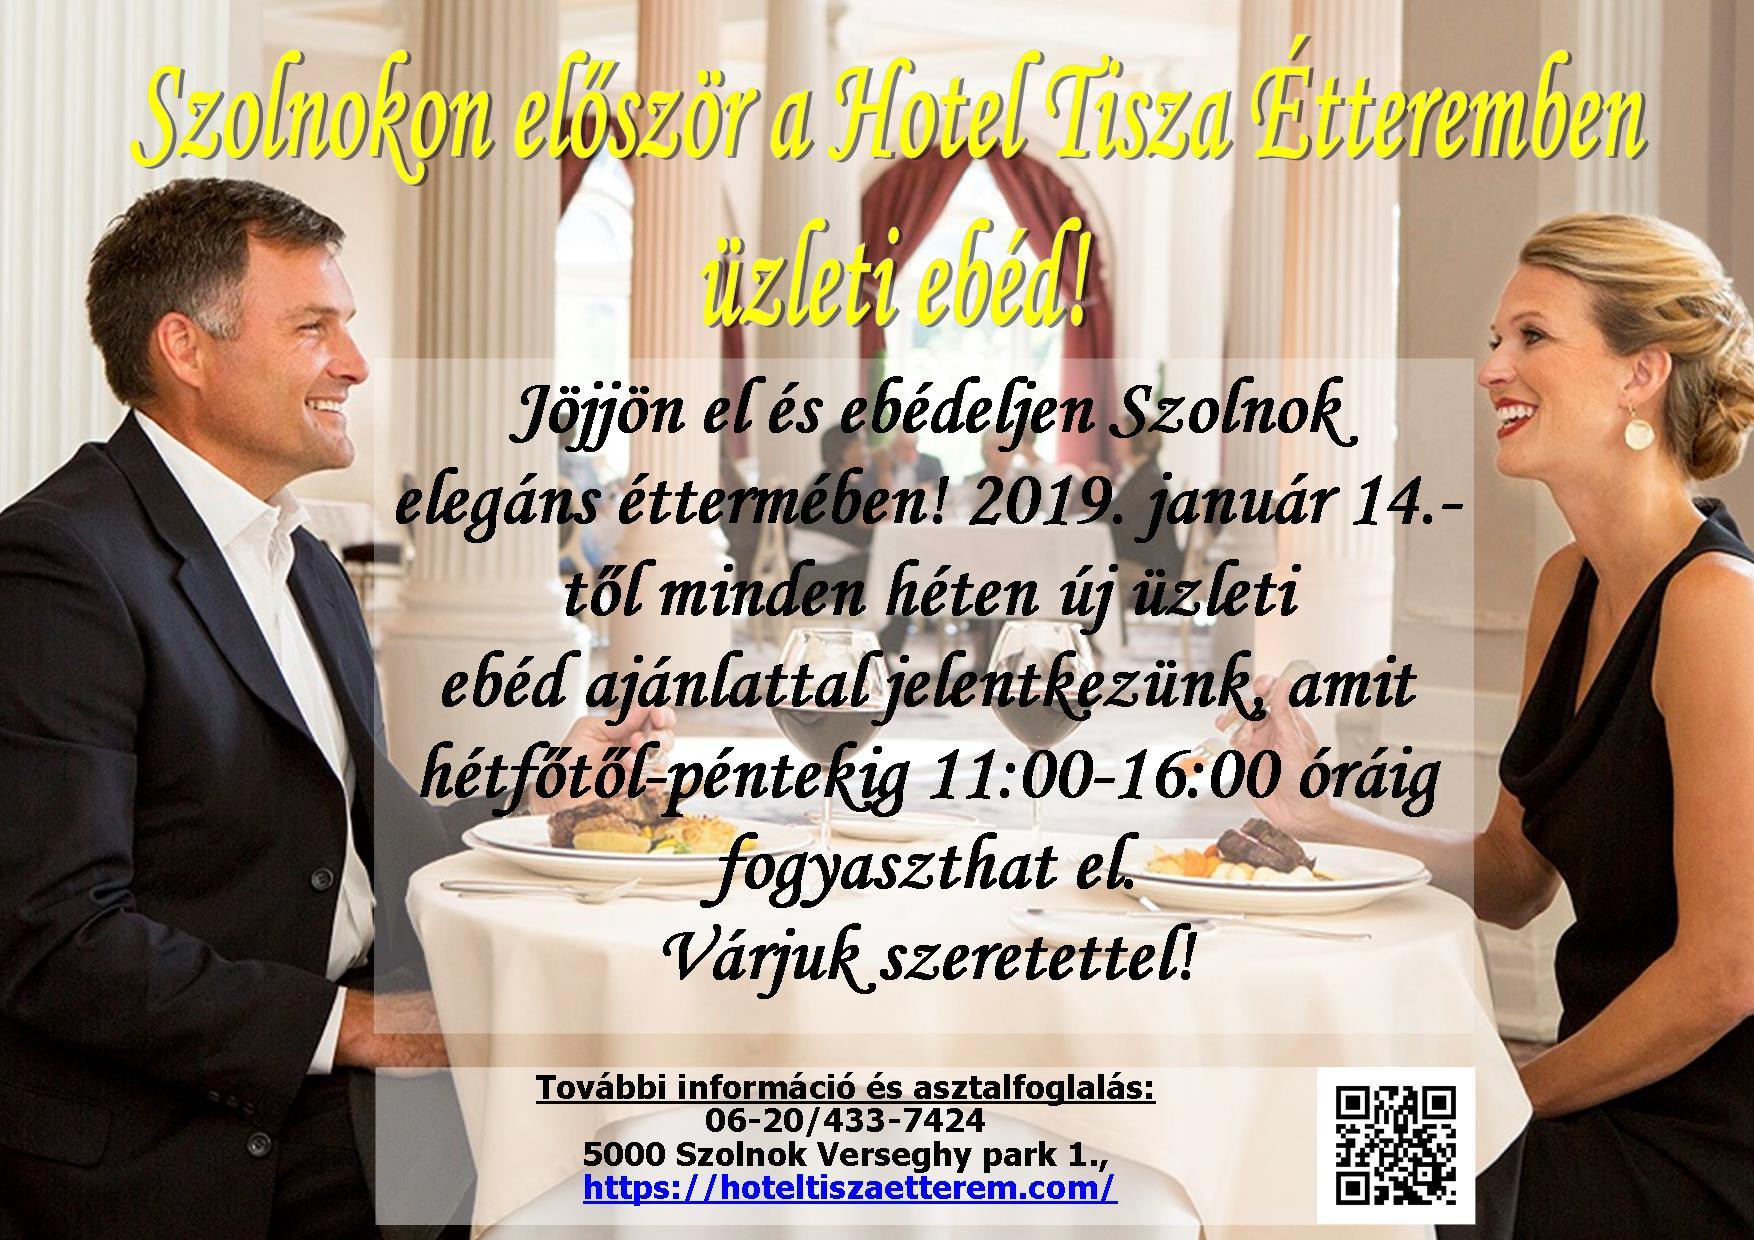 Üzleti ebéd (1)